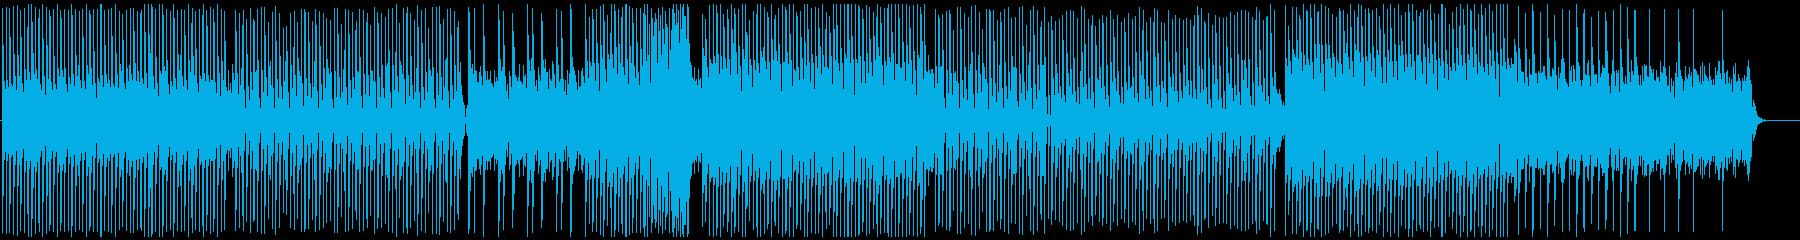 星が煌めくピアノハウスの再生済みの波形